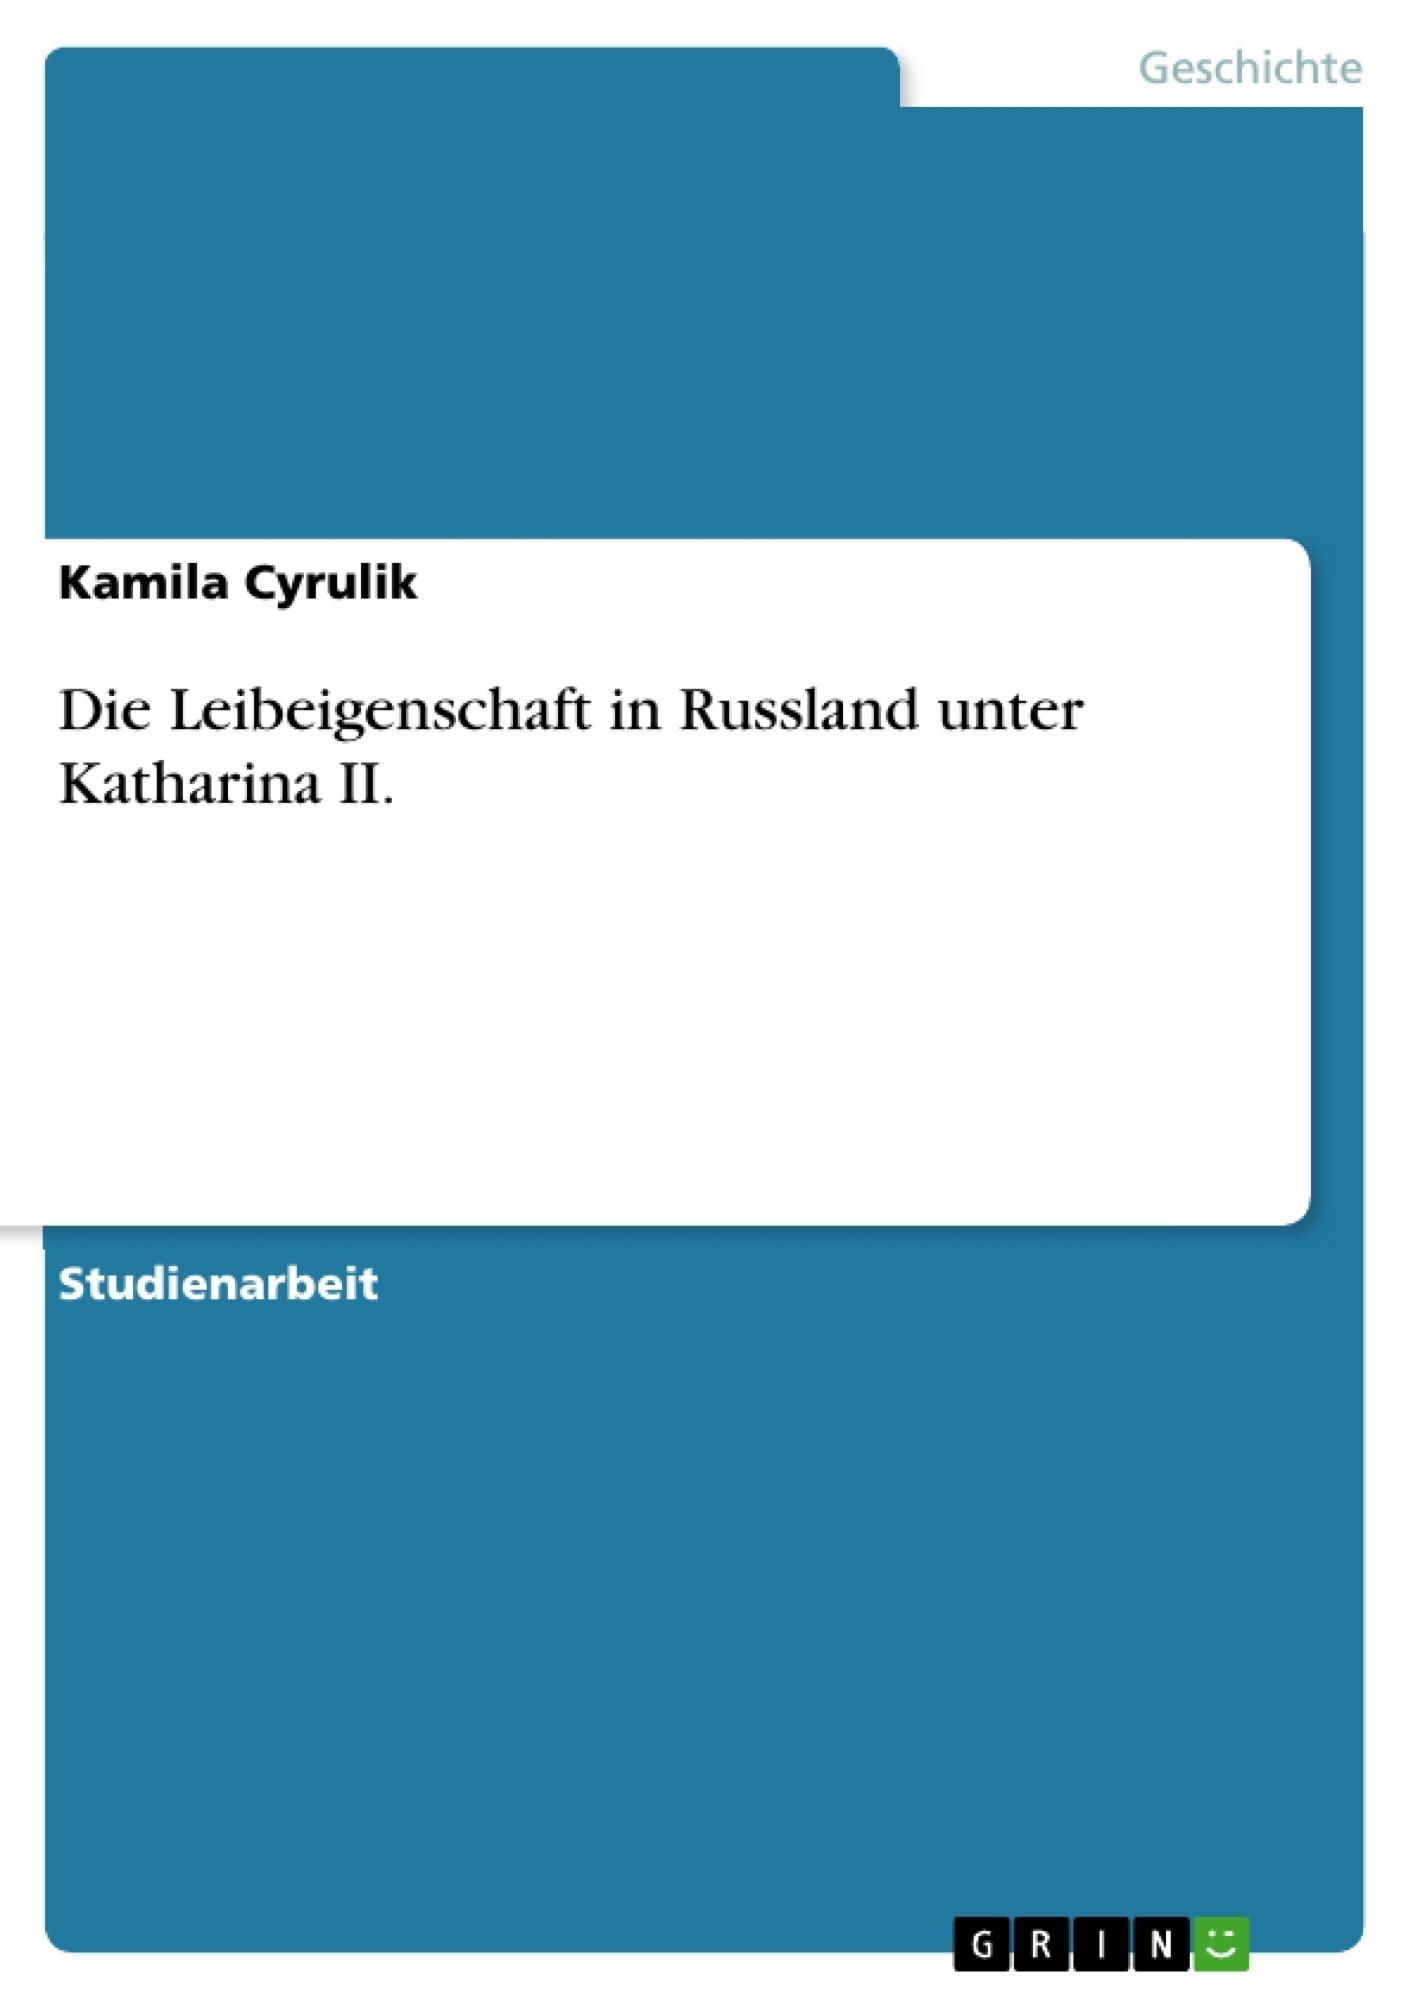 Titel: Die Leibeigenschaft in Russland unter Katharina II.